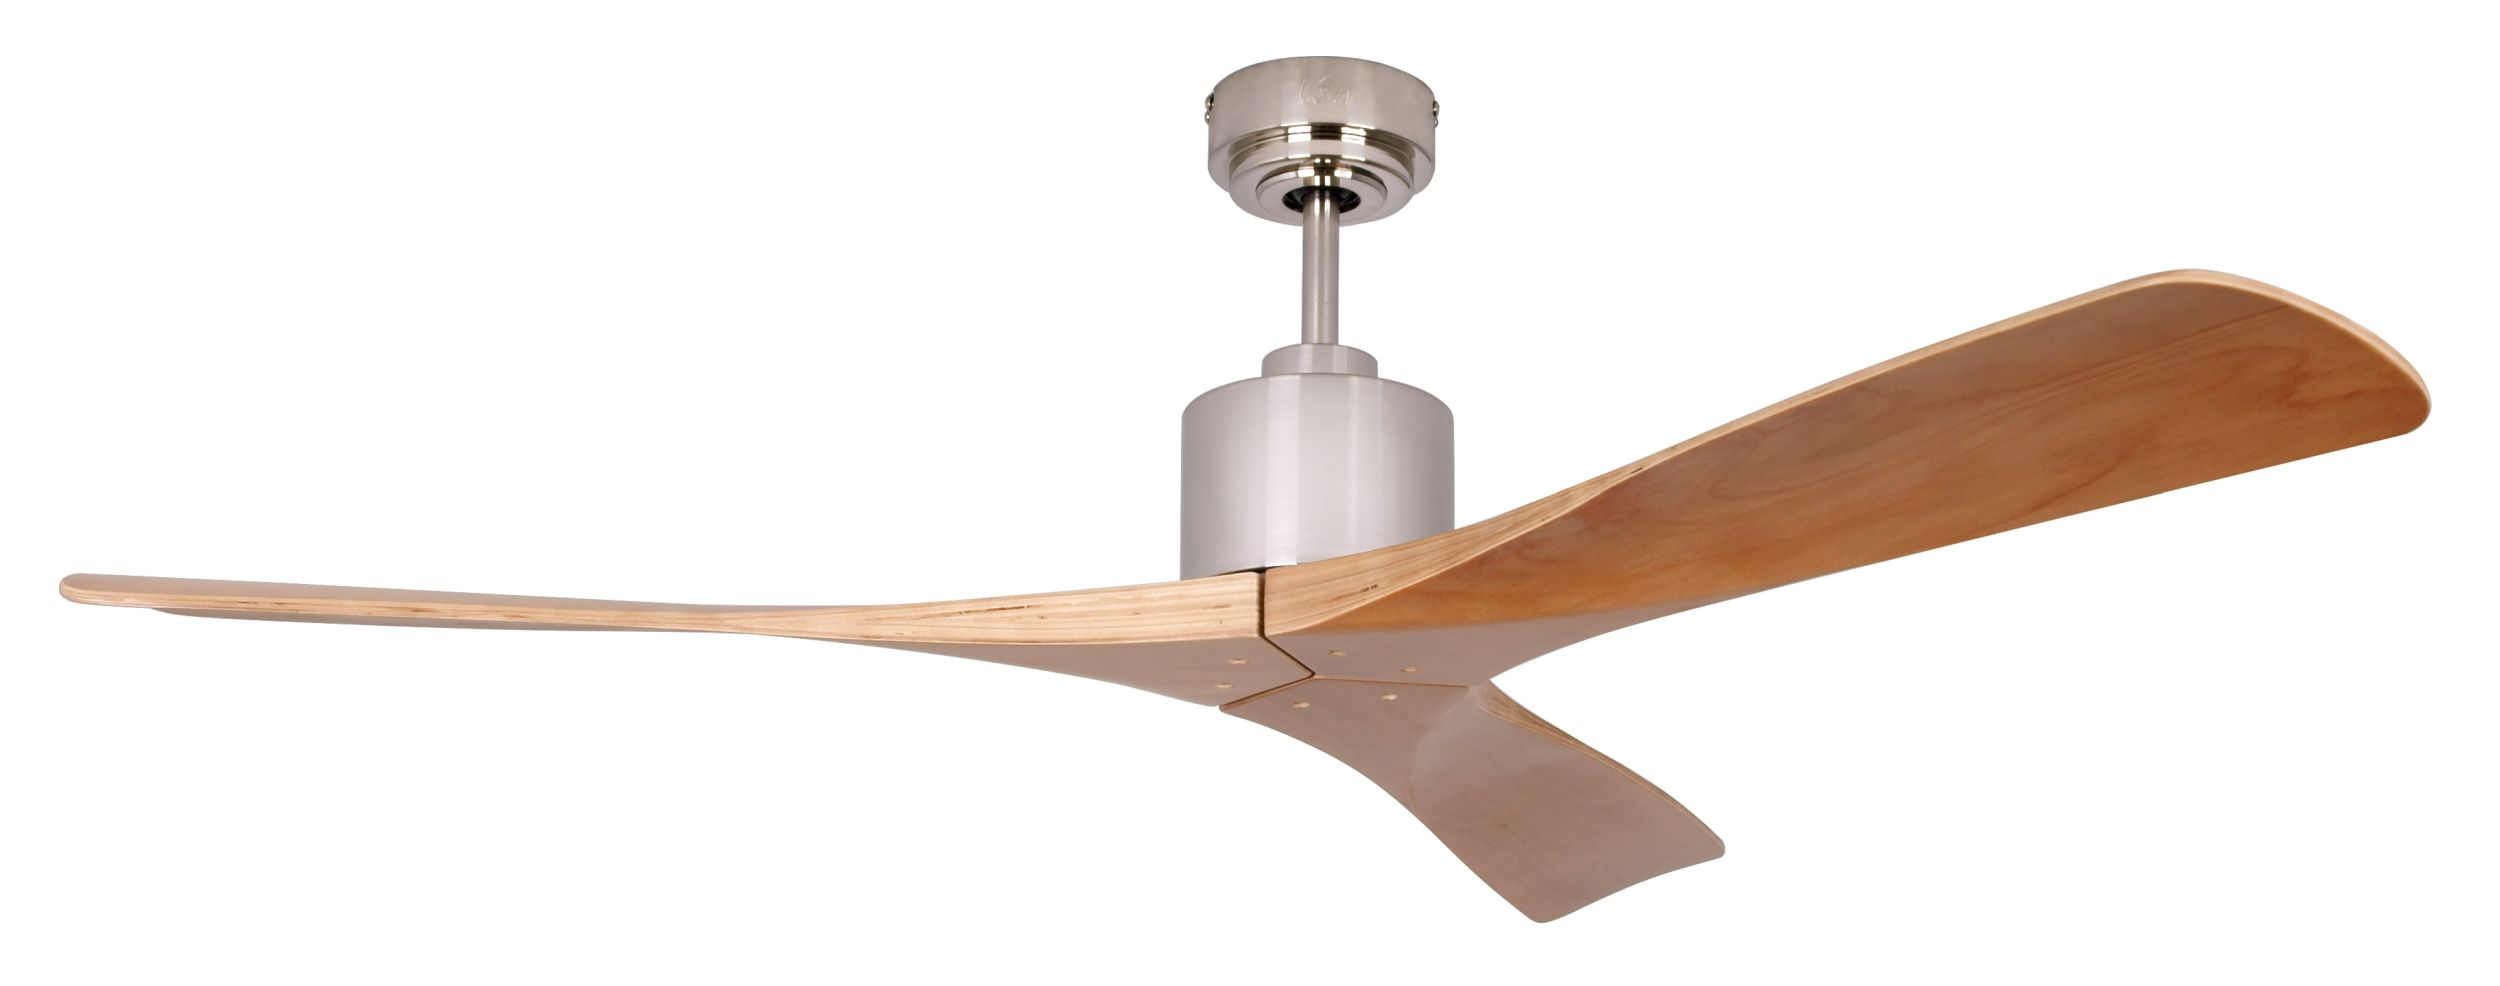 ceiling fan new slice teak ForIkea Ventilatori Da Soffitto